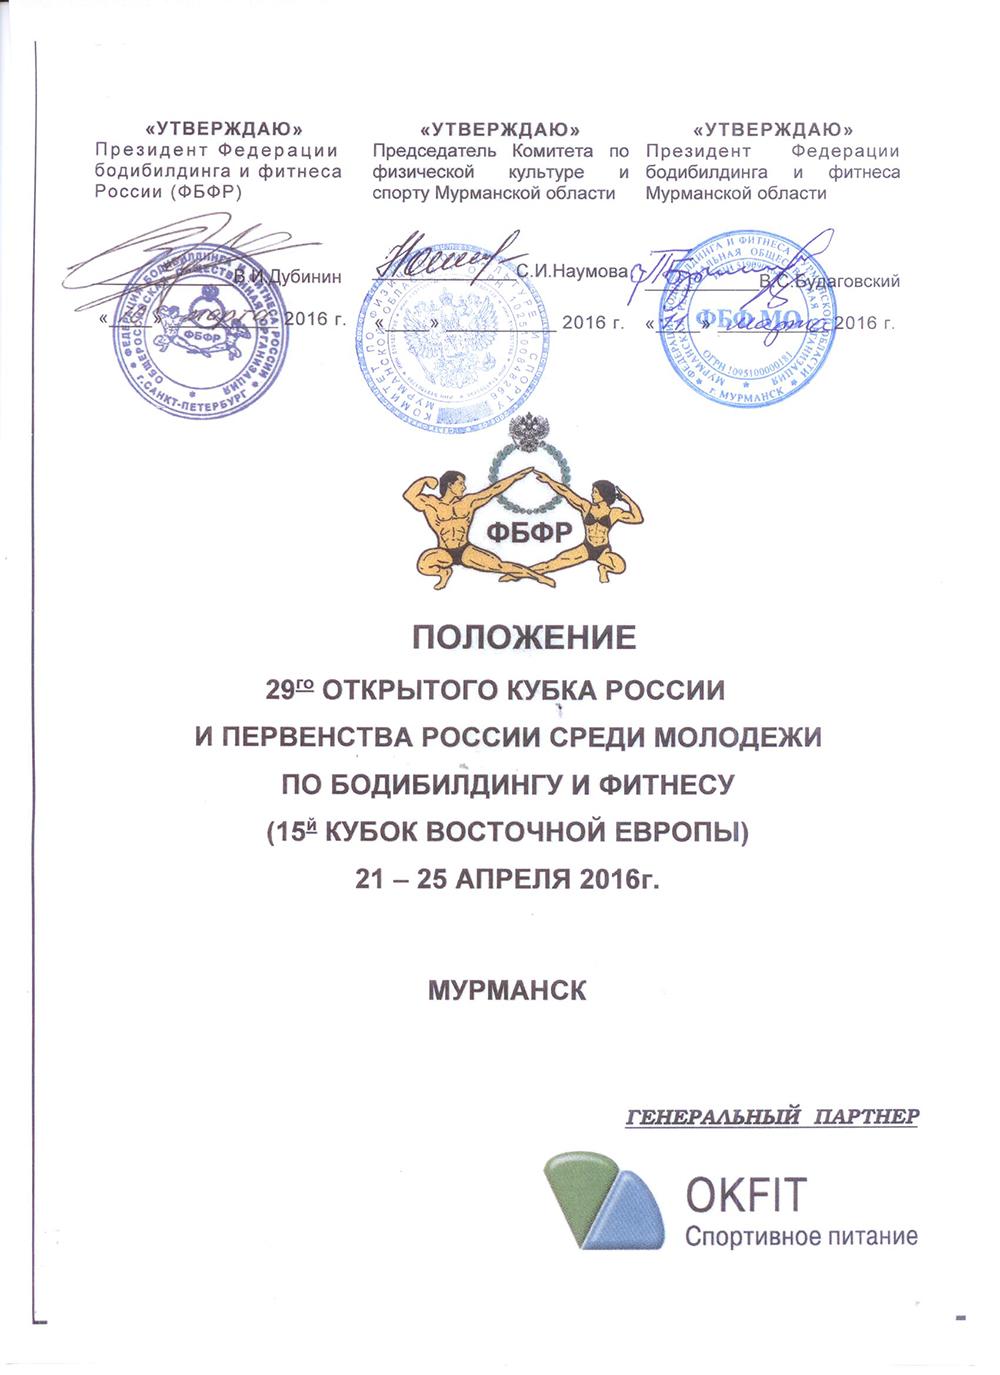 Кубок России по бодибилдингу - 2016 (положение)